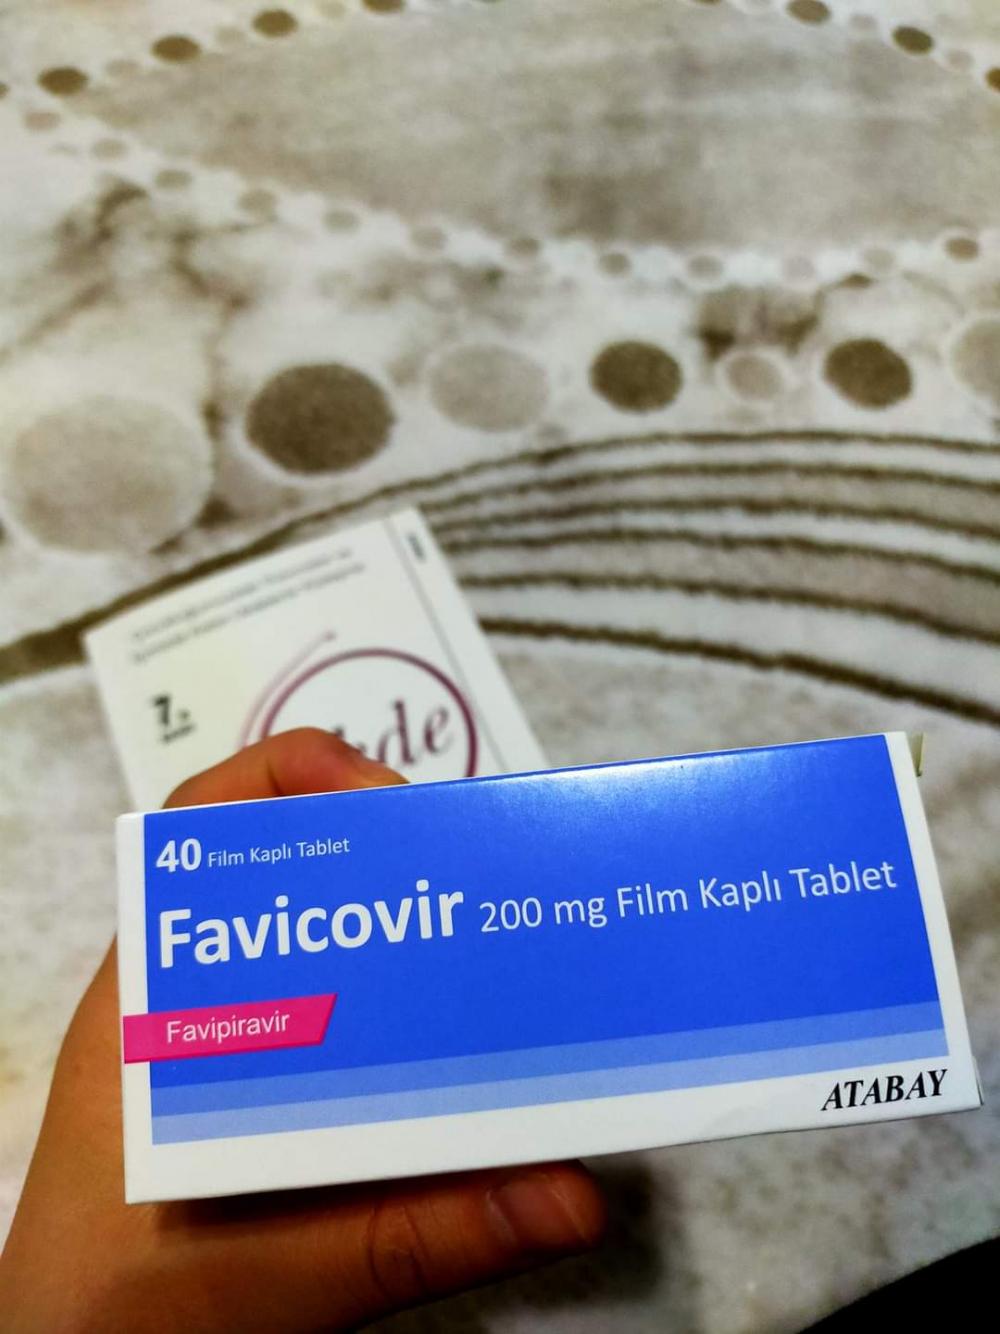 Favicovir kullanmalı mıyım